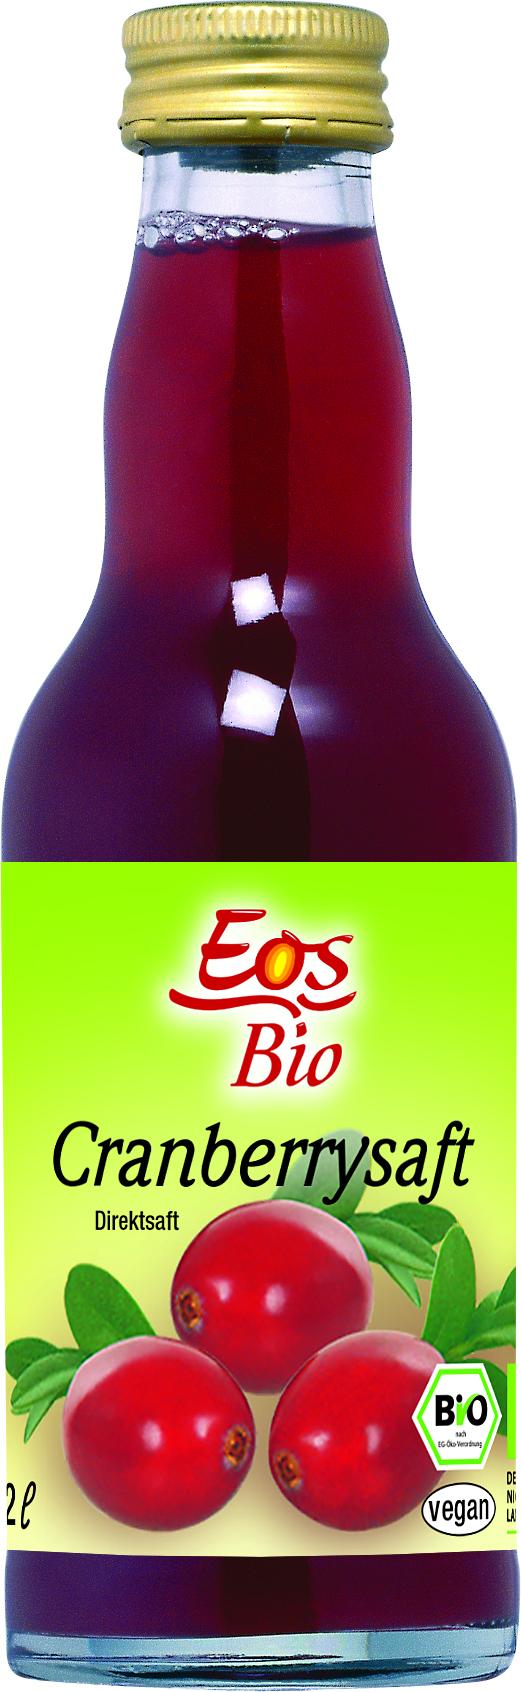 Органічний Сік Eos журавлини  0,2л - купить в интернет-магазине Юнимед